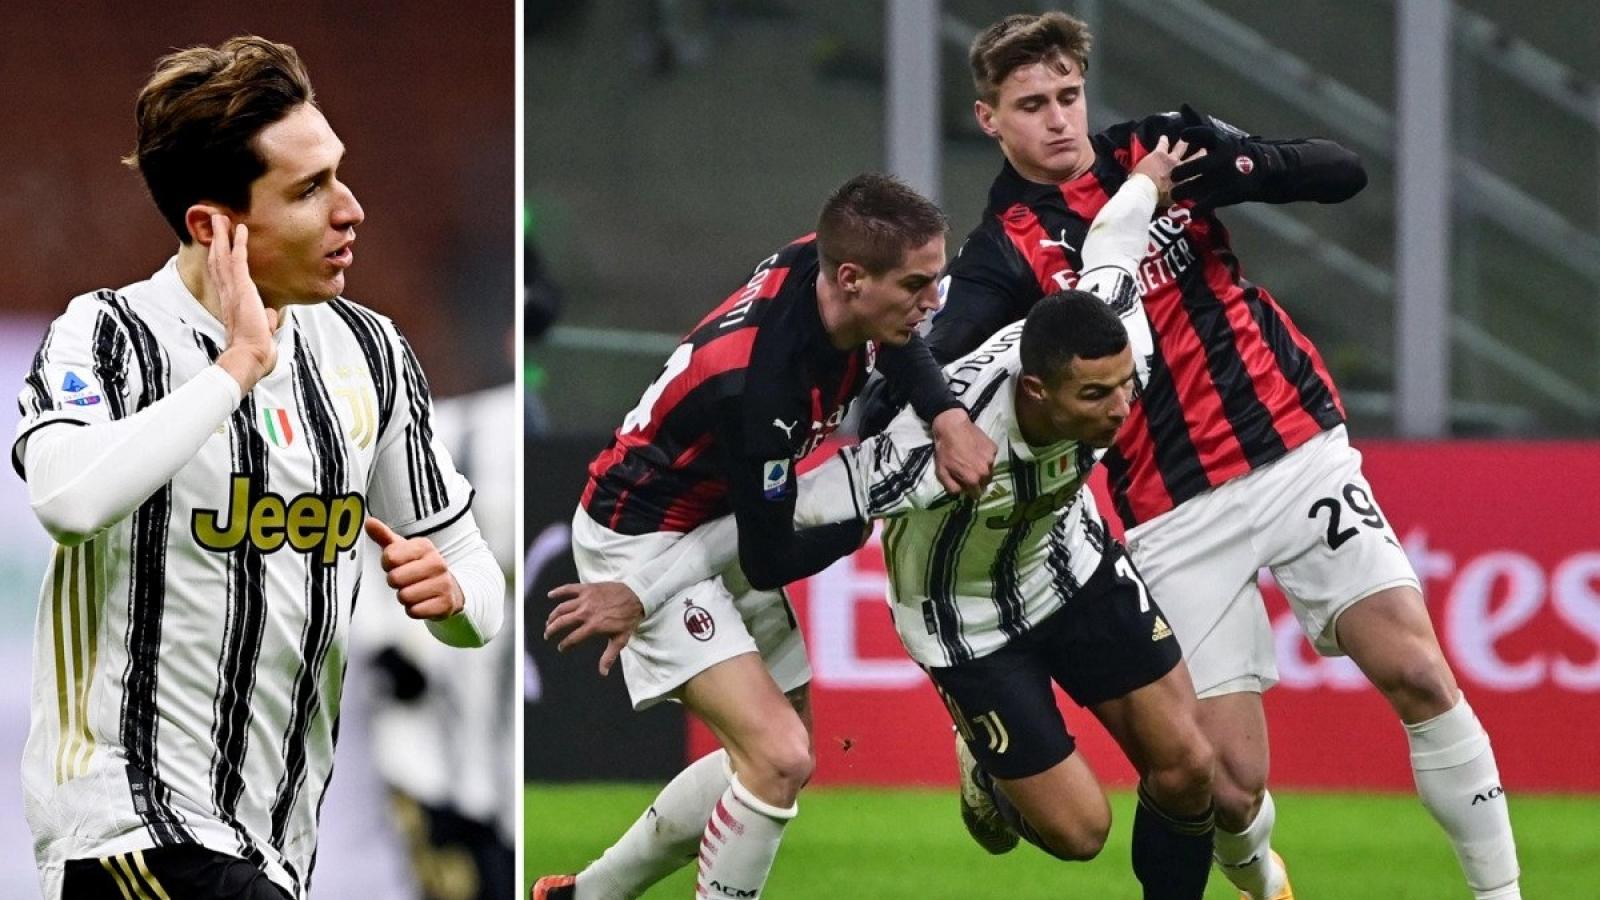 """CẬN CẢNH: Ronaldo làm """"chim mồi"""" để đàn em tỏa sáng trước AC Milan"""